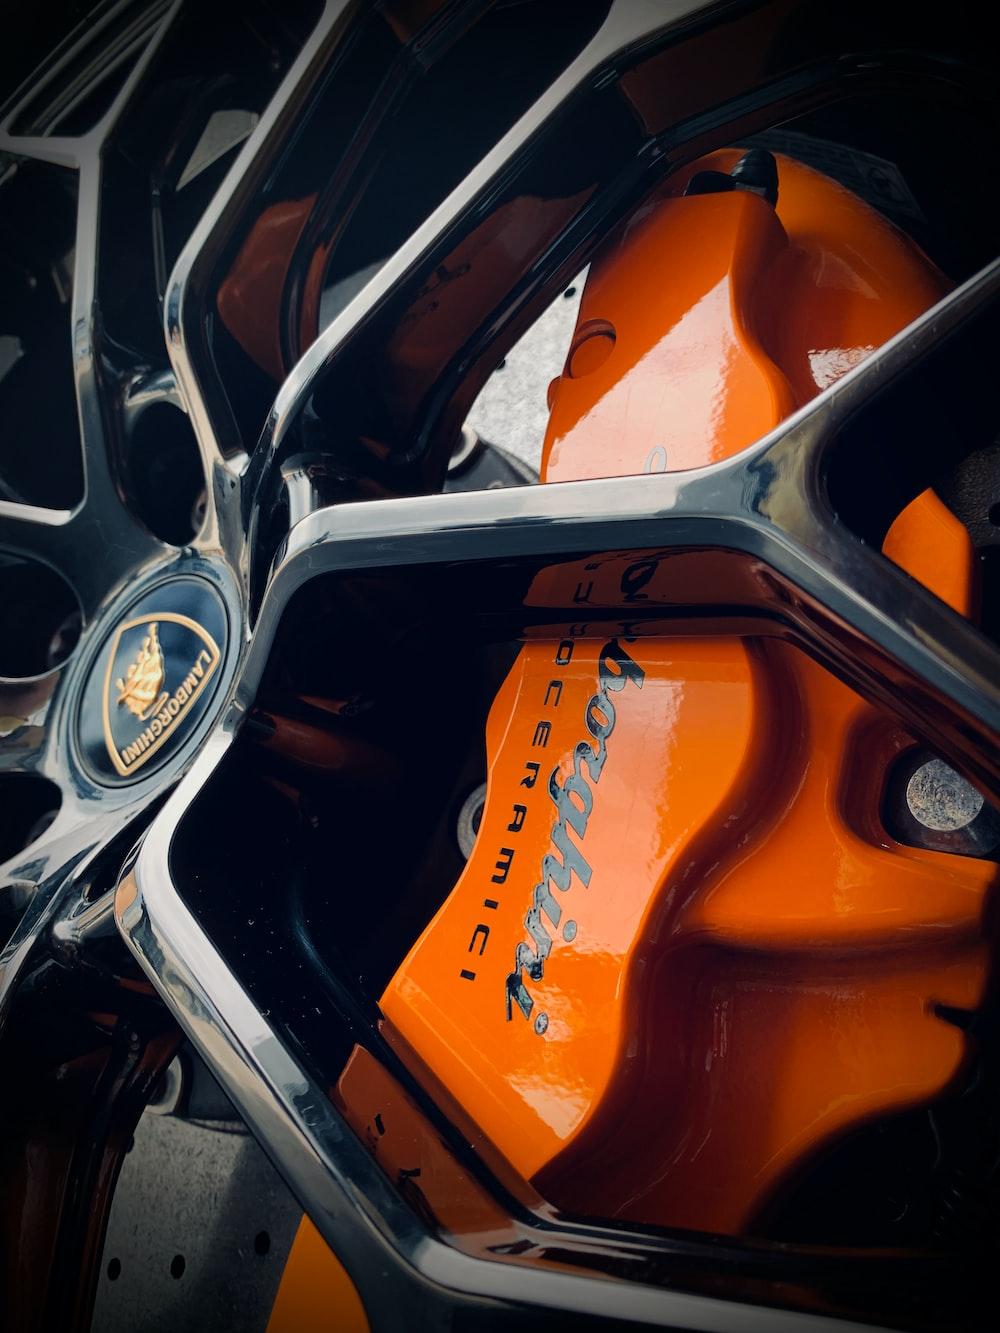 orange and black car steering wheel